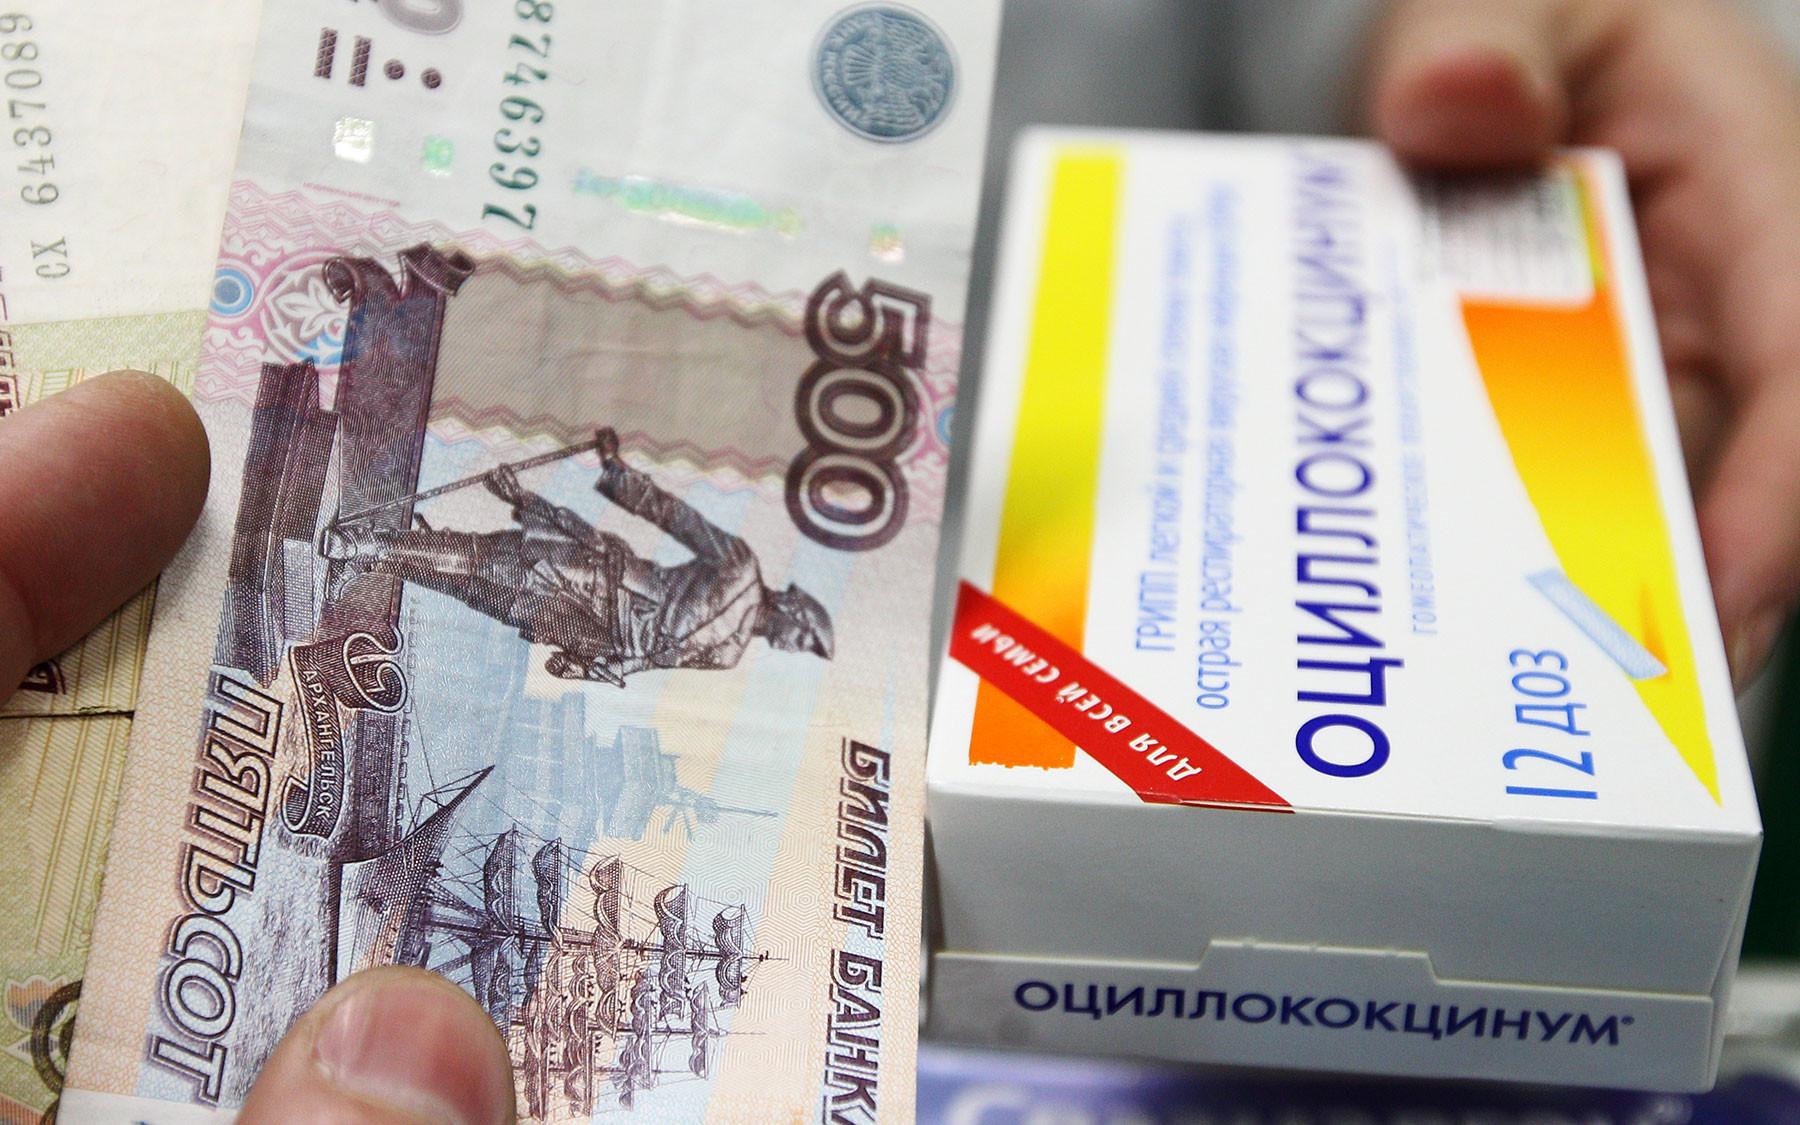 Фото: ©РИА Новости / Максим Богодвид